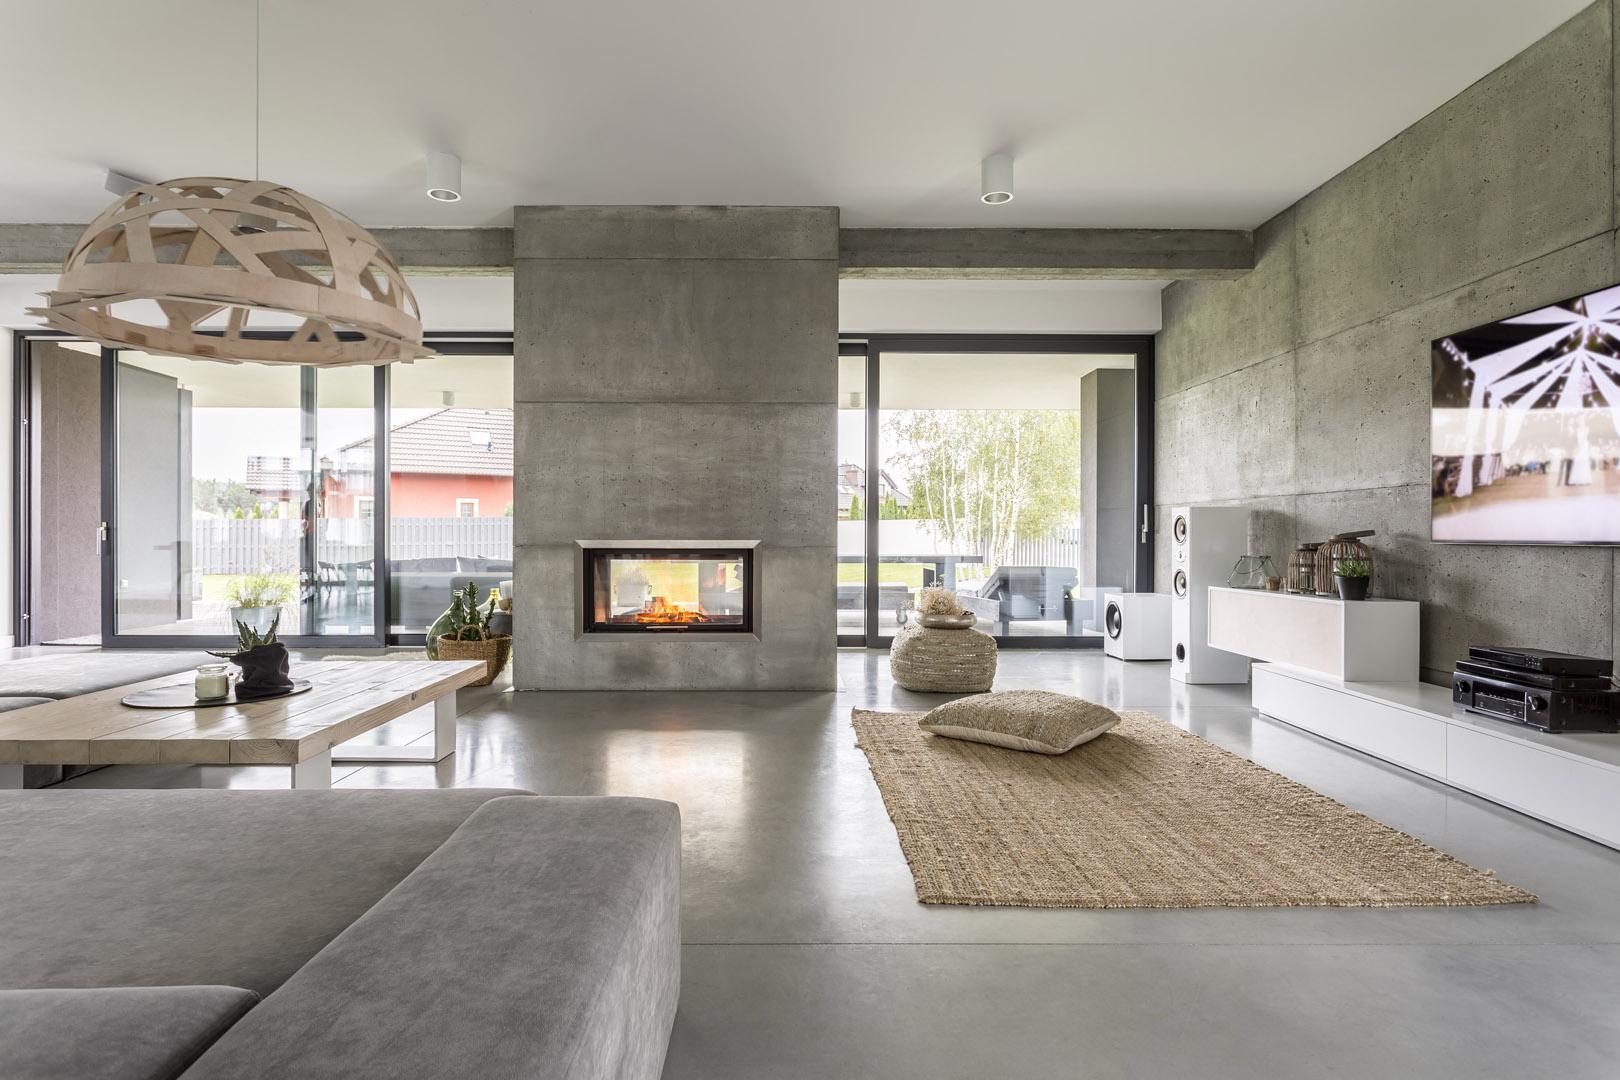 Interior design photoindustry luca faggiotto foto interni for Foto case interni